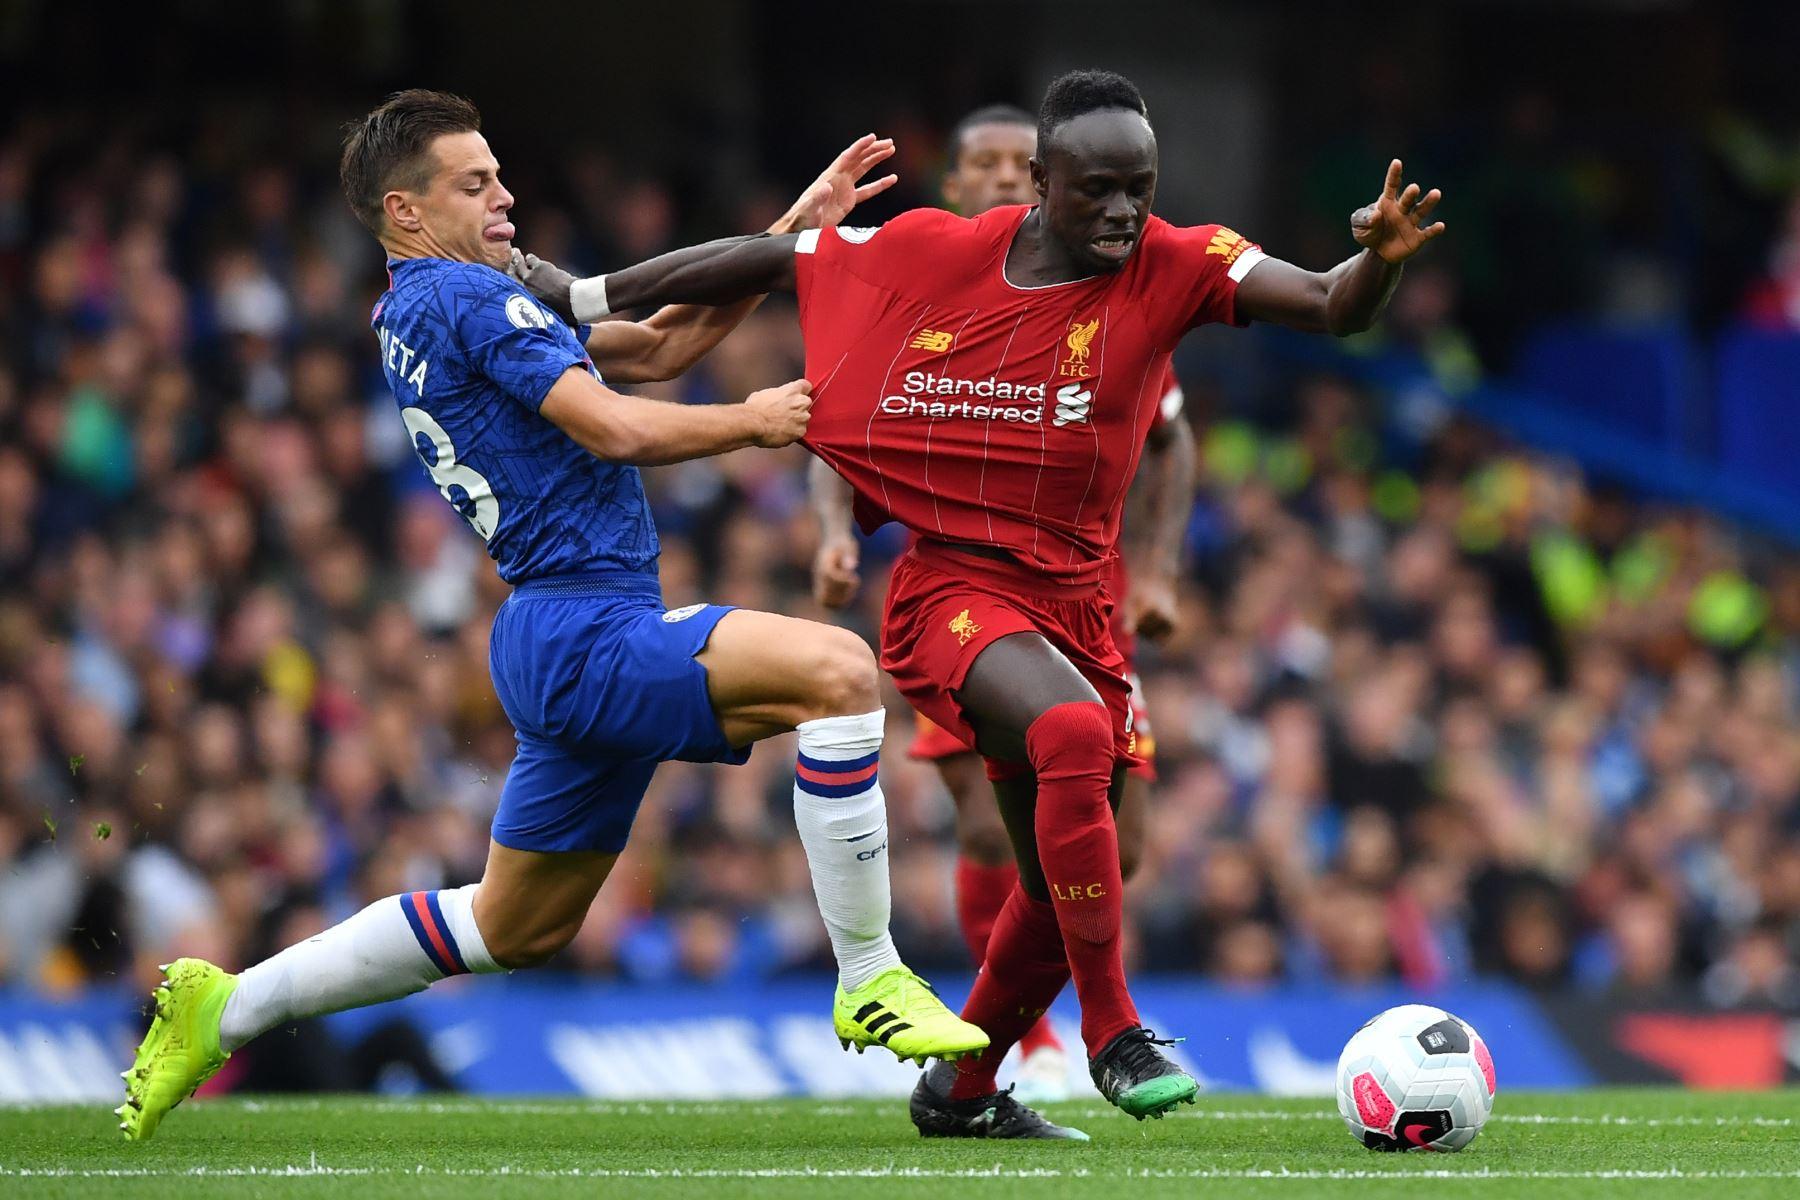 El defensor español del Chelsea César Azpilicueta (L) compite con el delantero senegalés del Liverpool Sadio Mane (R) durante el partido de fútbol de la Premier League inglesa entre Chelsea y Liverpool. Foto:AFP